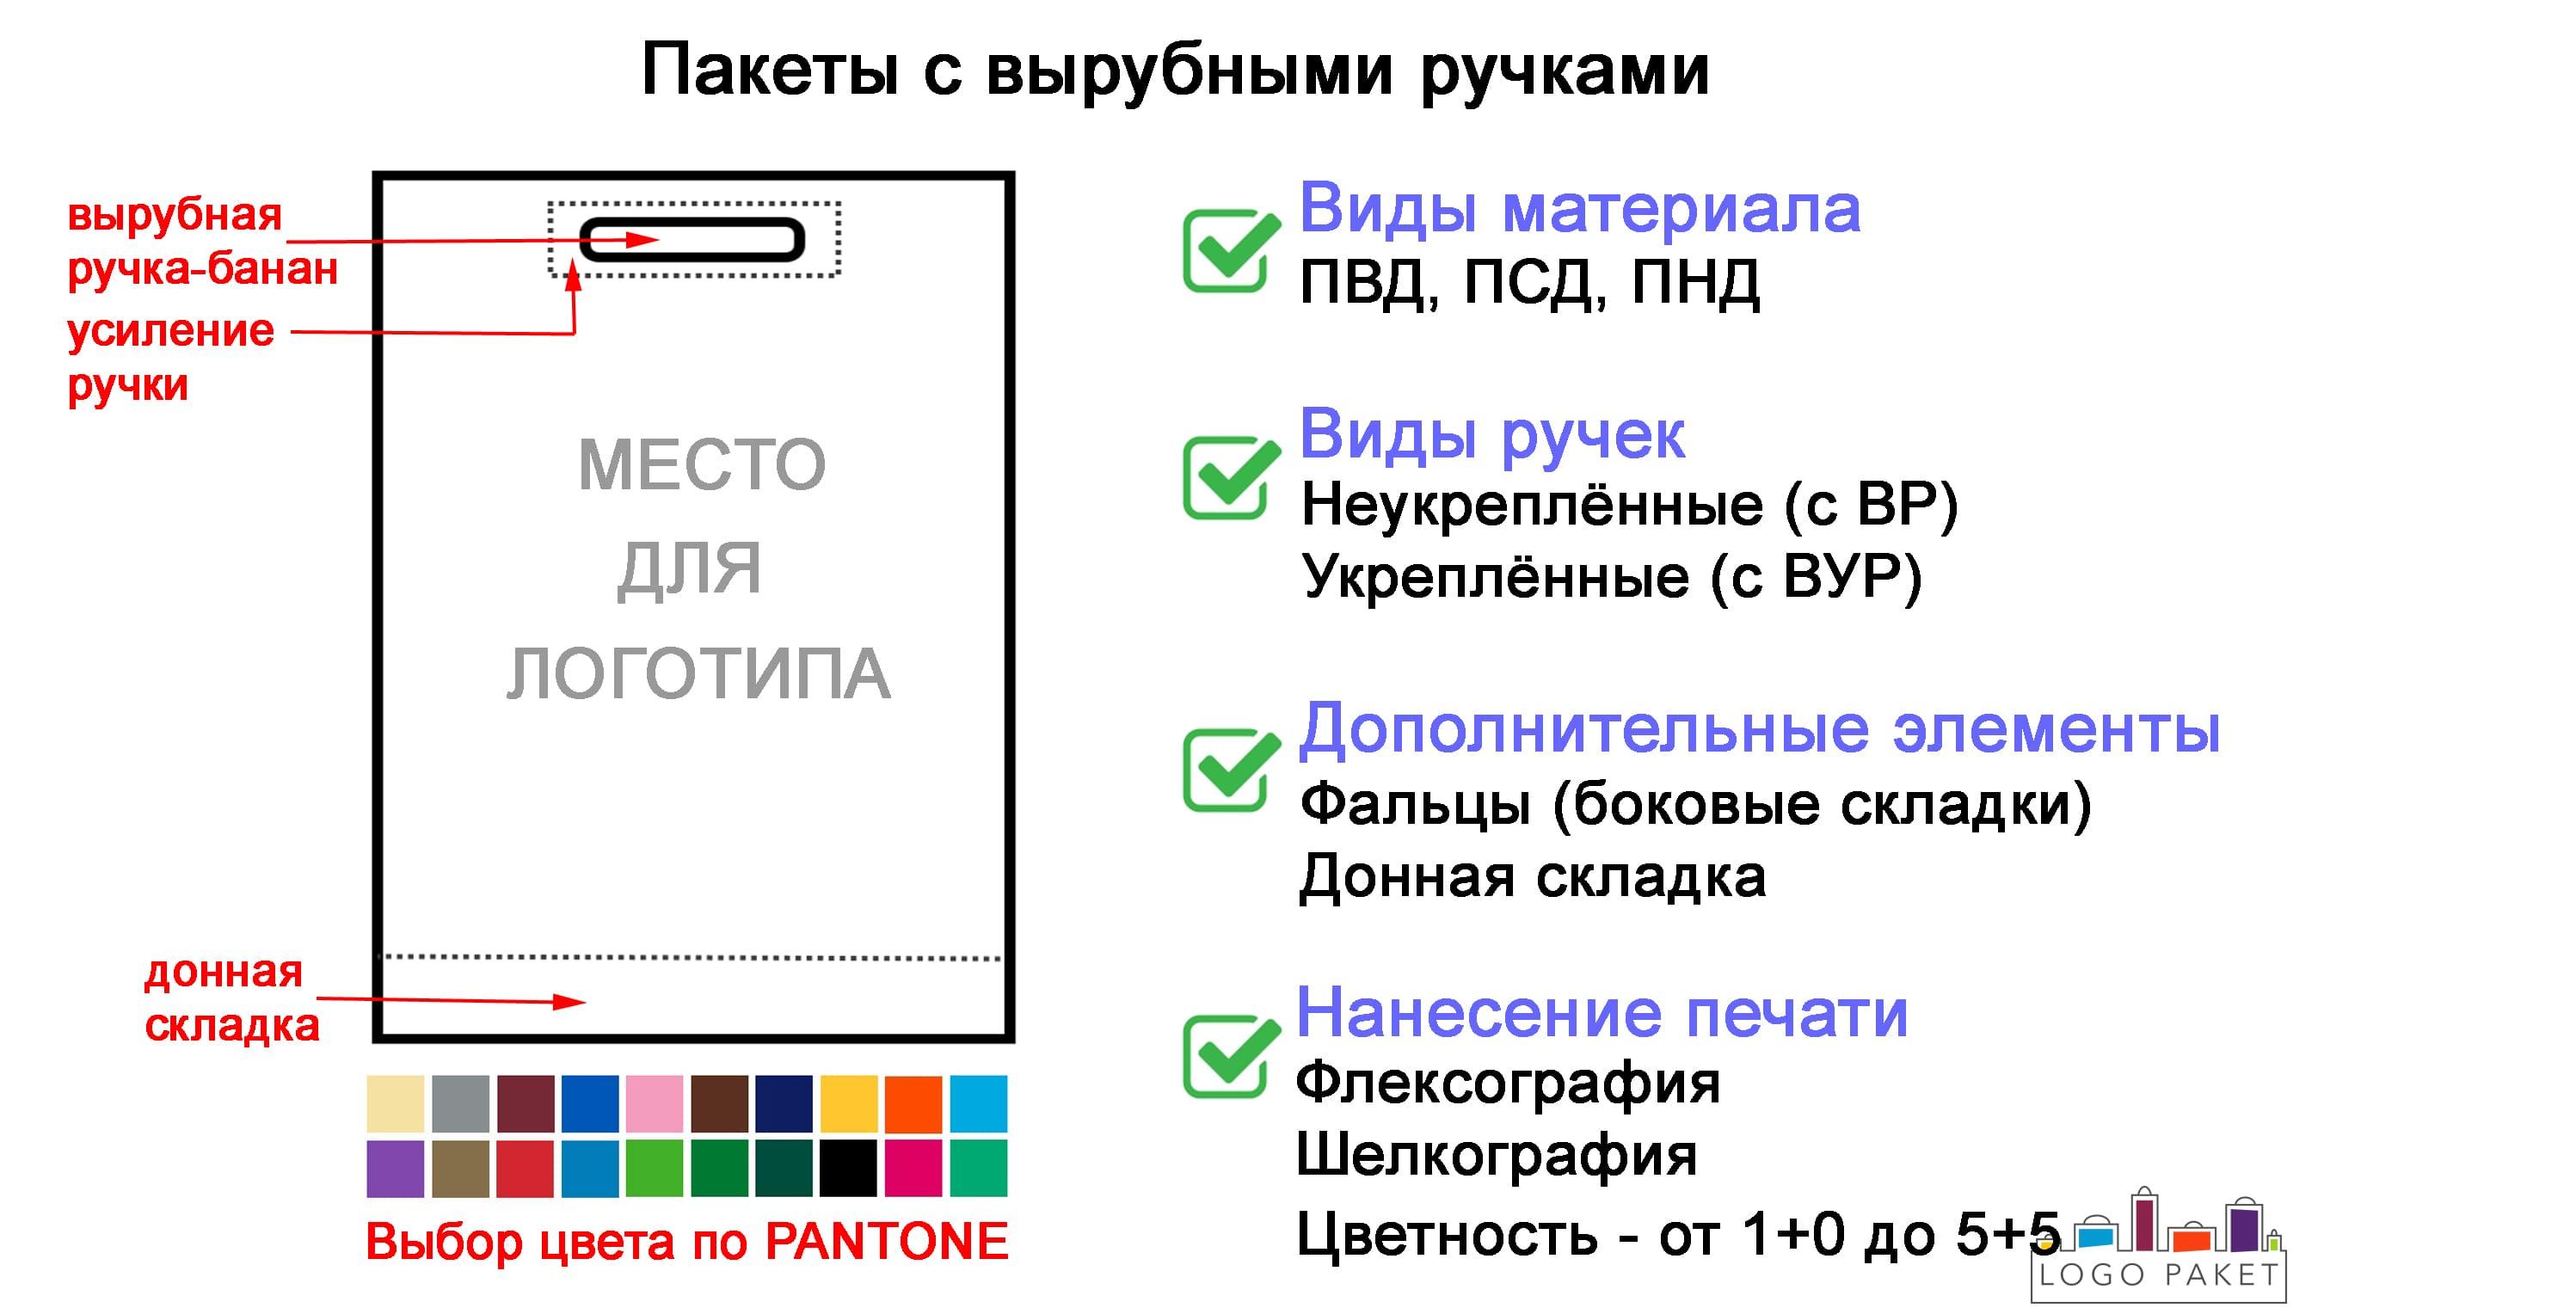 Пакеты с вырубной ручкой инфографика